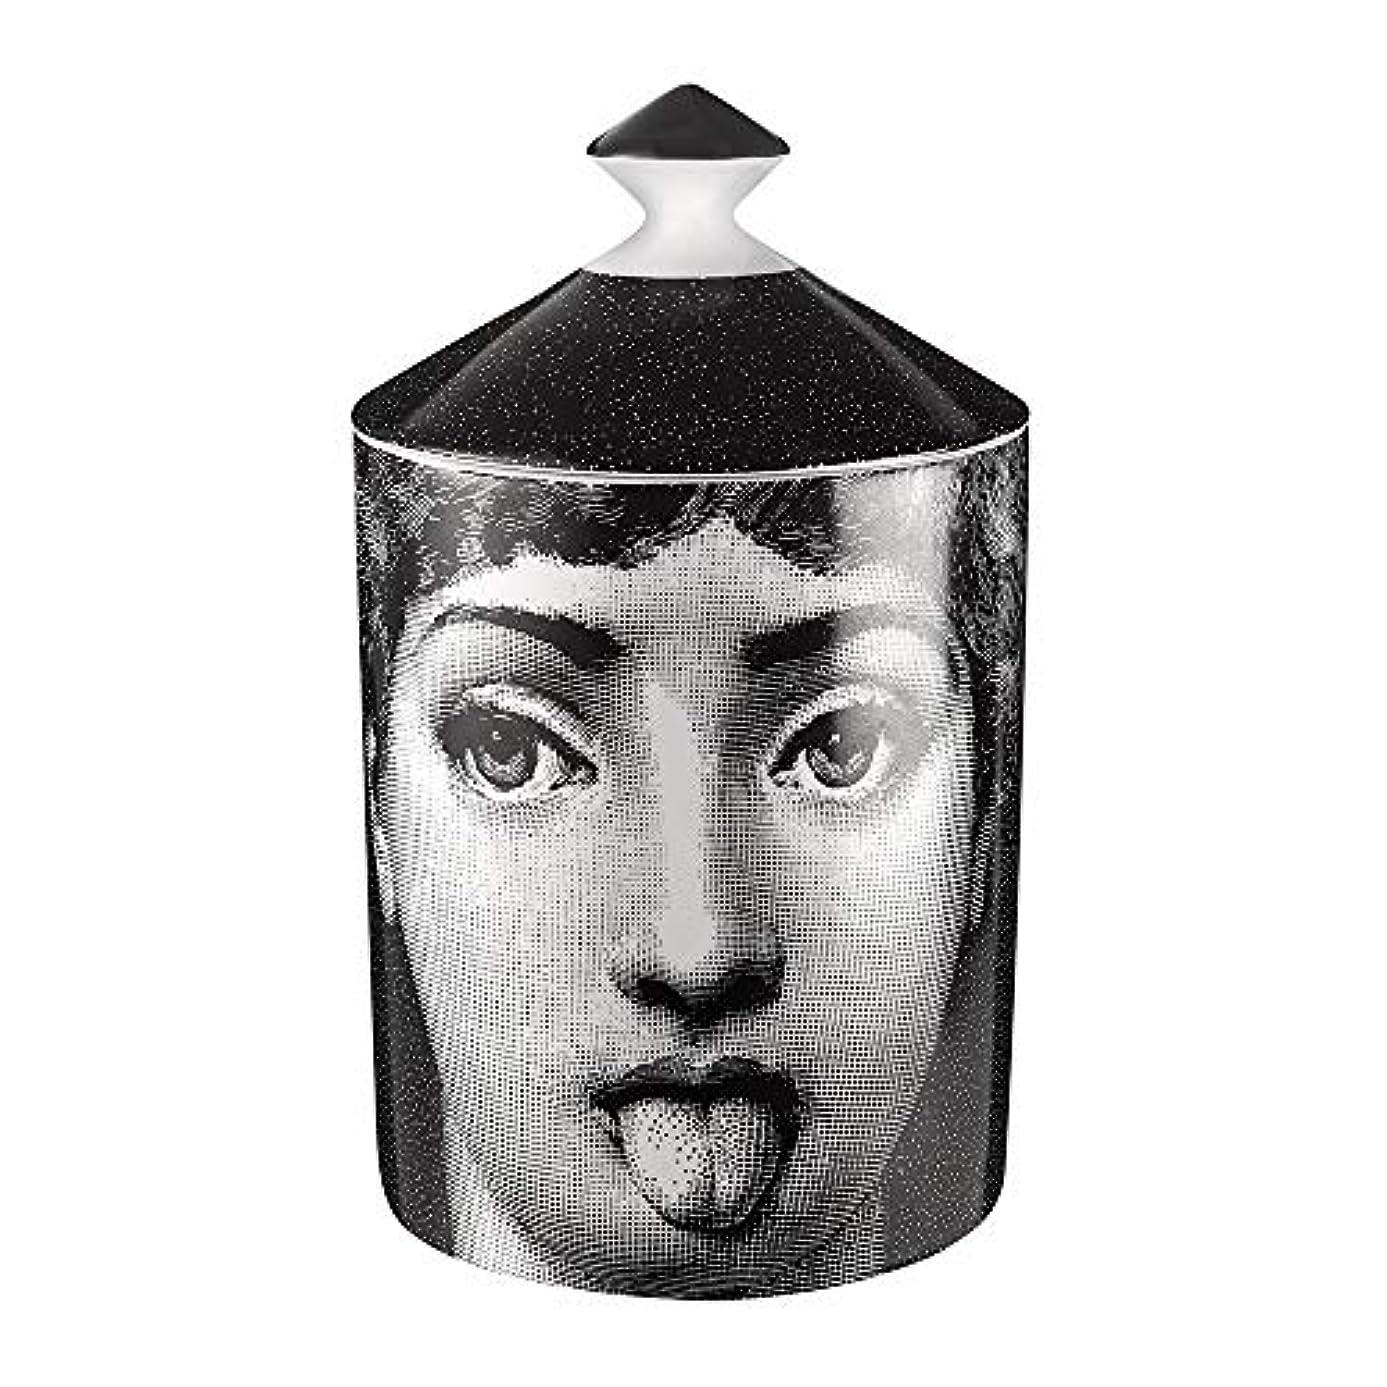 聖人集中的な典型的なフォルナセッティ アンティパティコ センテッド キャンドル 300g(Fornasetti Antipatico Scented Candle 300g) [並行輸入品]